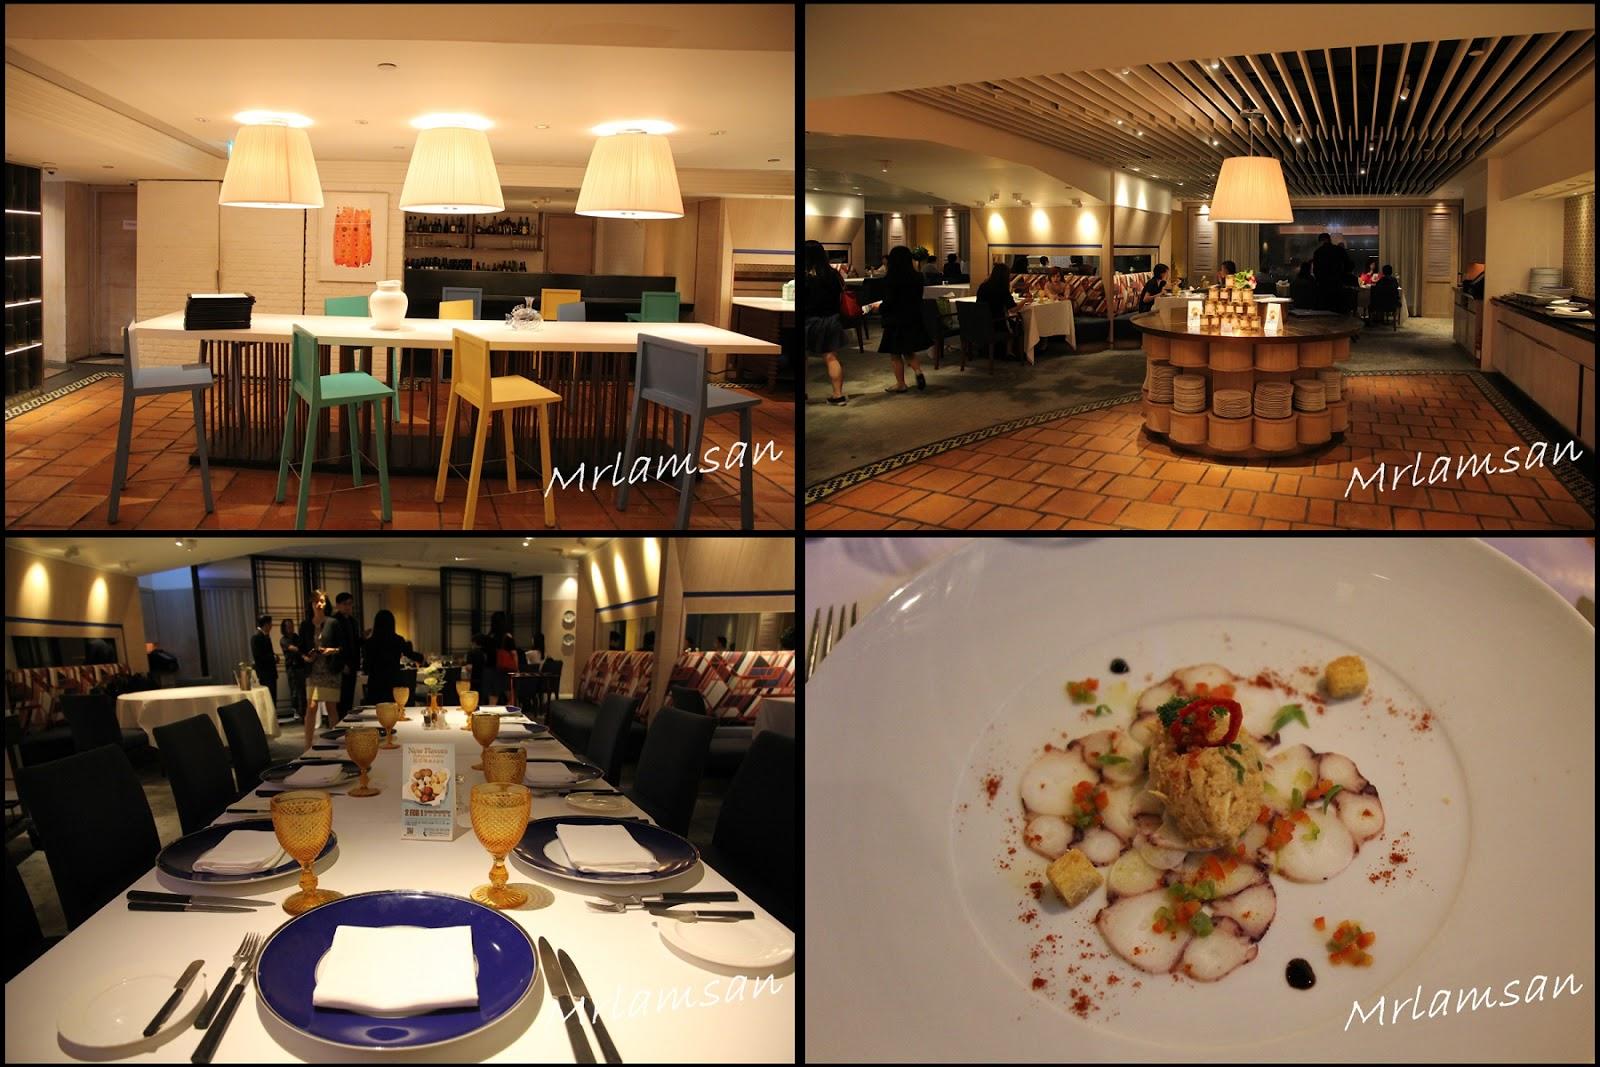 林公子生活遊記: 澳門酒店 Hotel Royal Macau 皇都酒店 高質素服務 價錢合理的好推薦 FADO餐廳 正宗葡國菜 接駁車